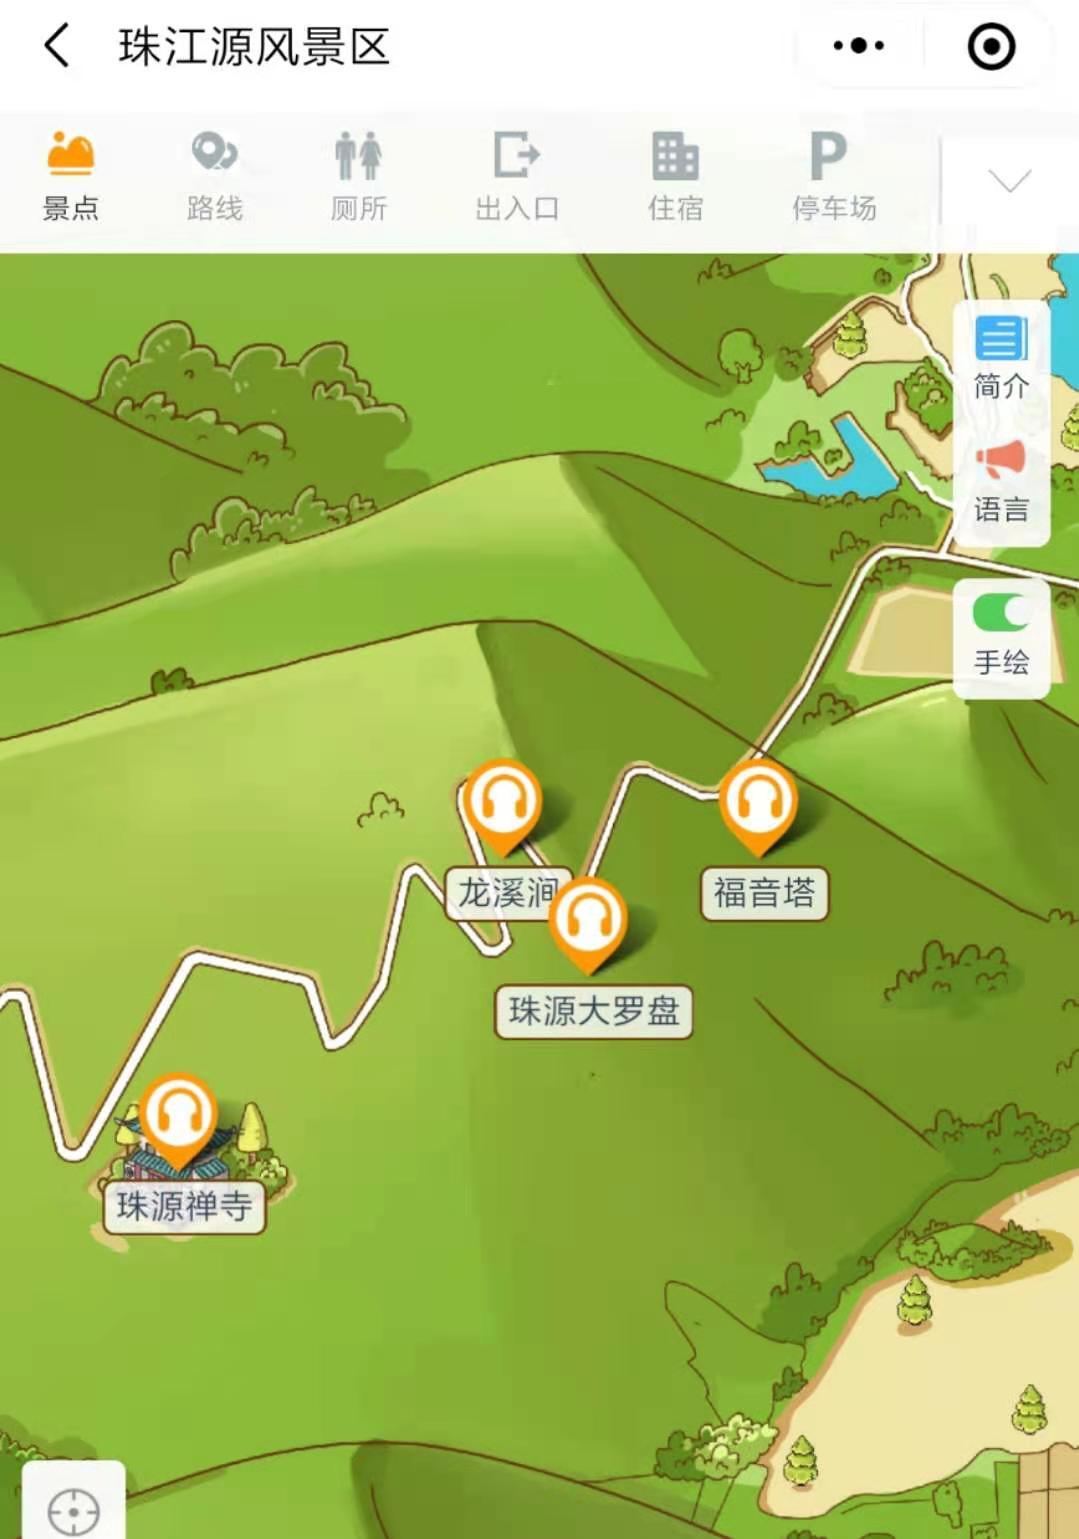 云南珠江源4A级风景区手绘地图、语音讲解、电子导览等智能功能上线.jpg